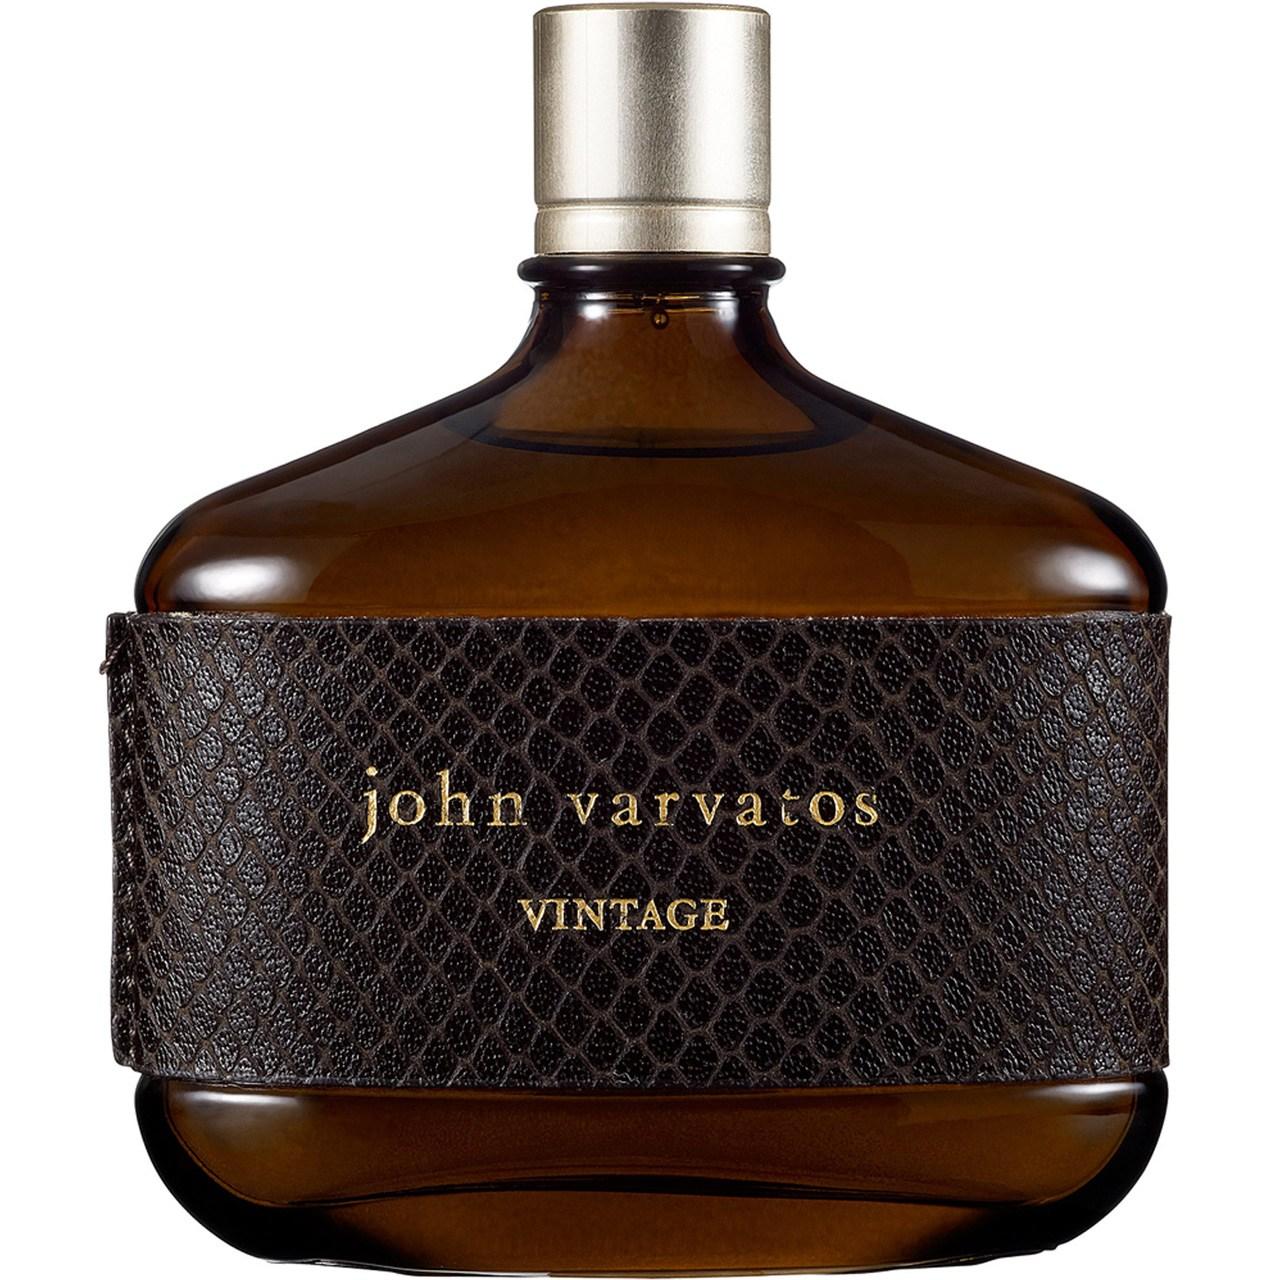 ادو تویلت مردانه جان وارواتوس مدل Vintage حجم 100 میلی لیتر